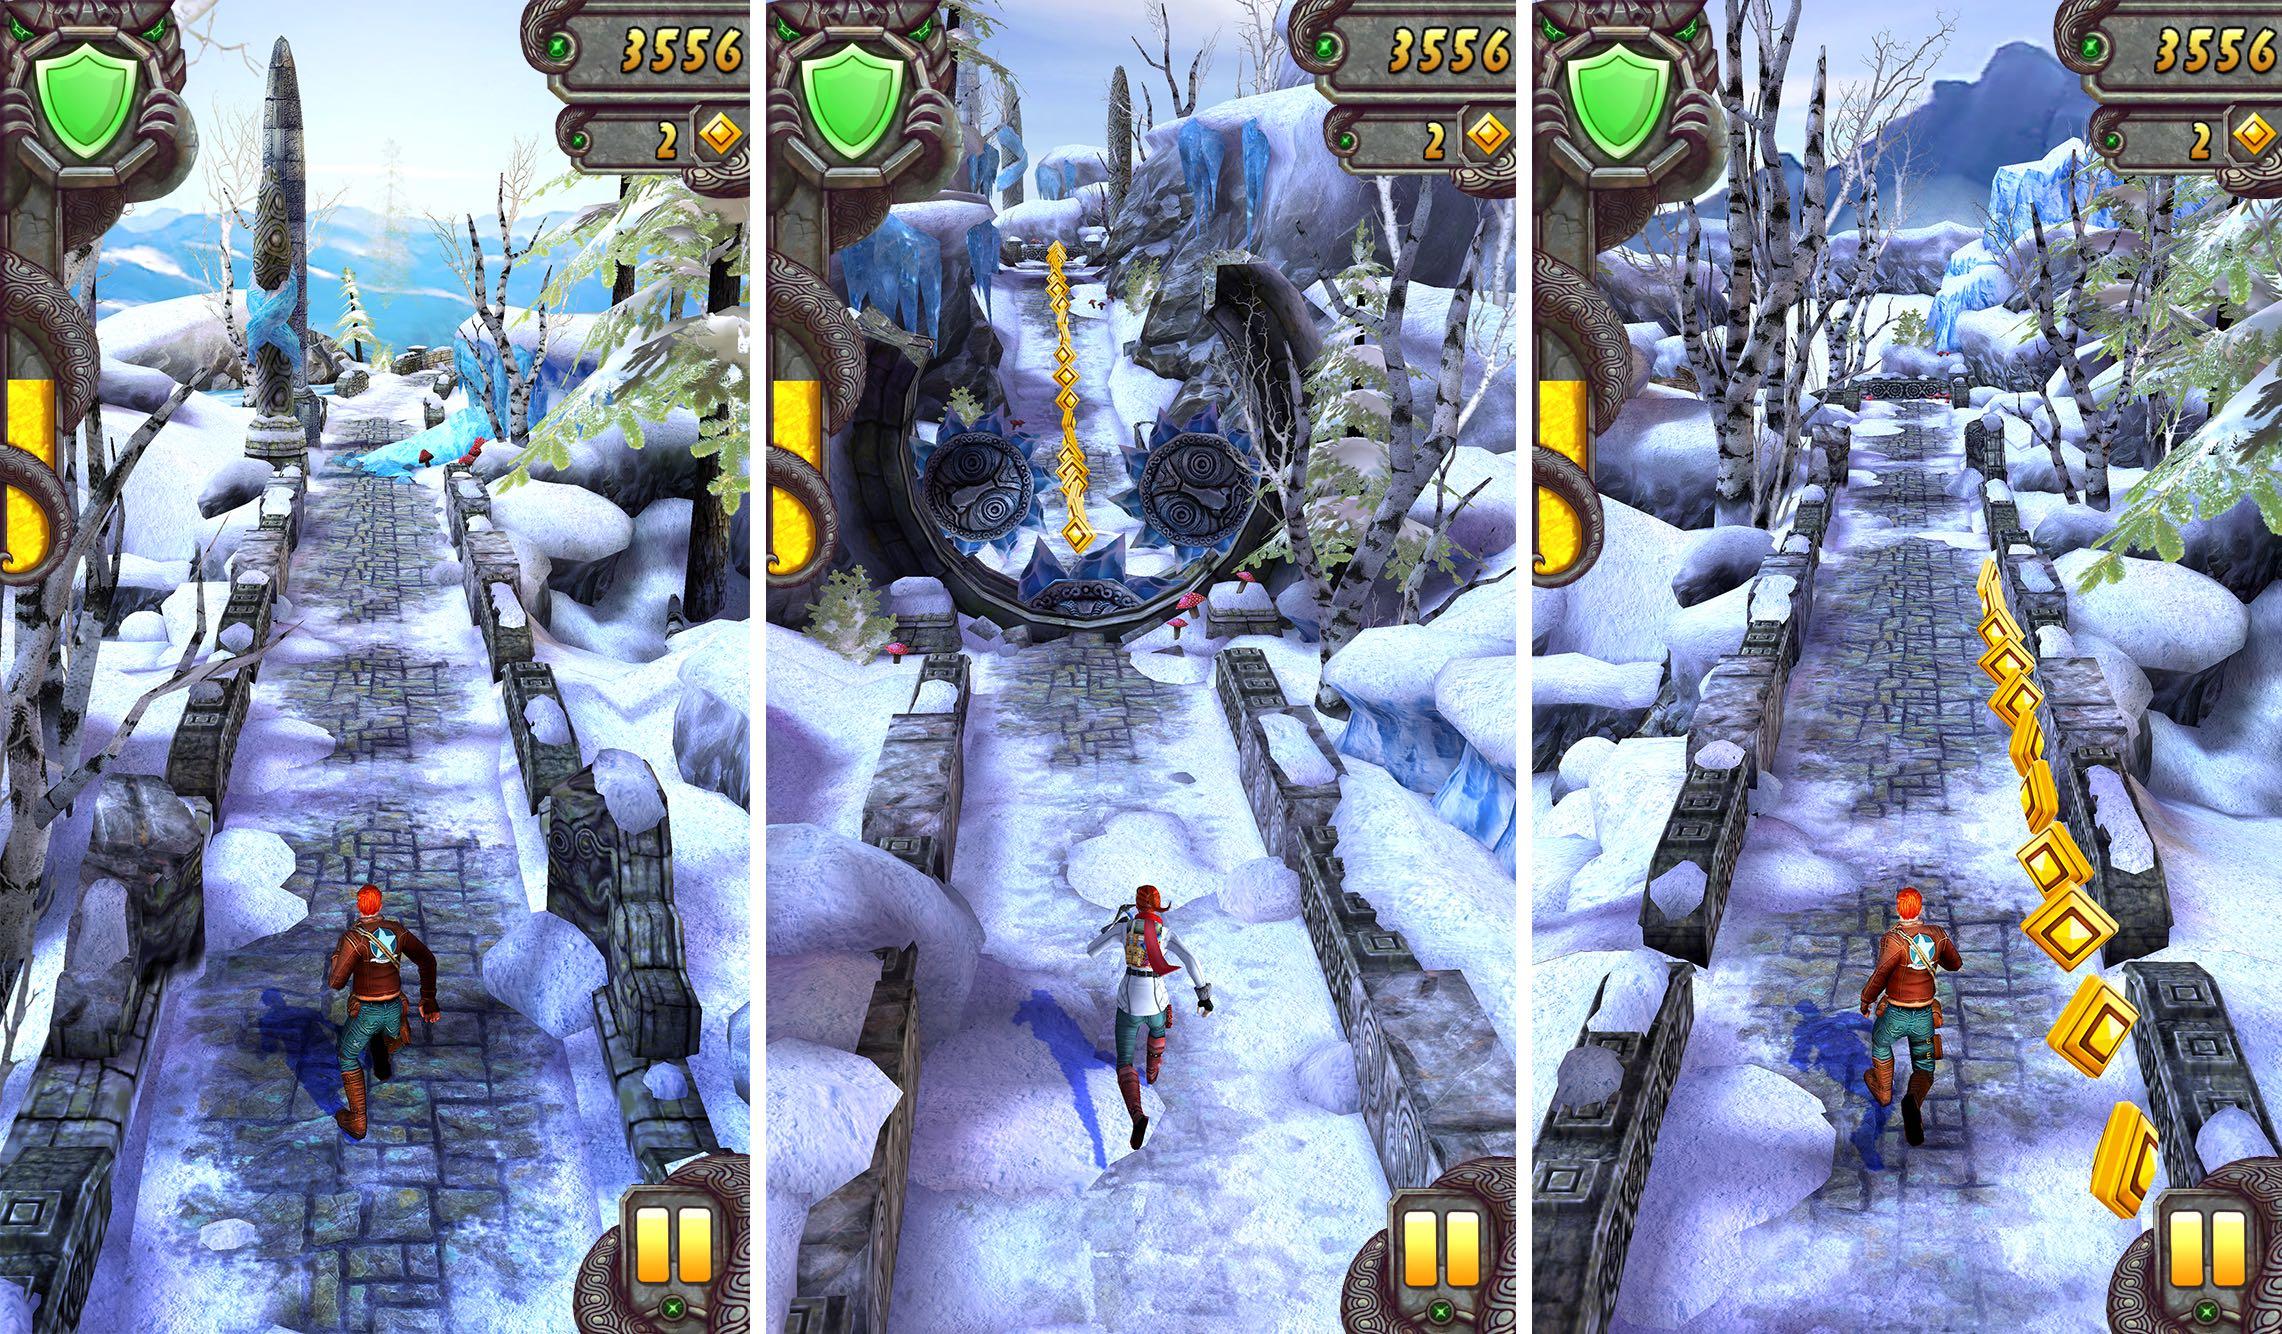 Captura de pantalla 001 de Temple Run 2 Frozen Shadows para iPhone